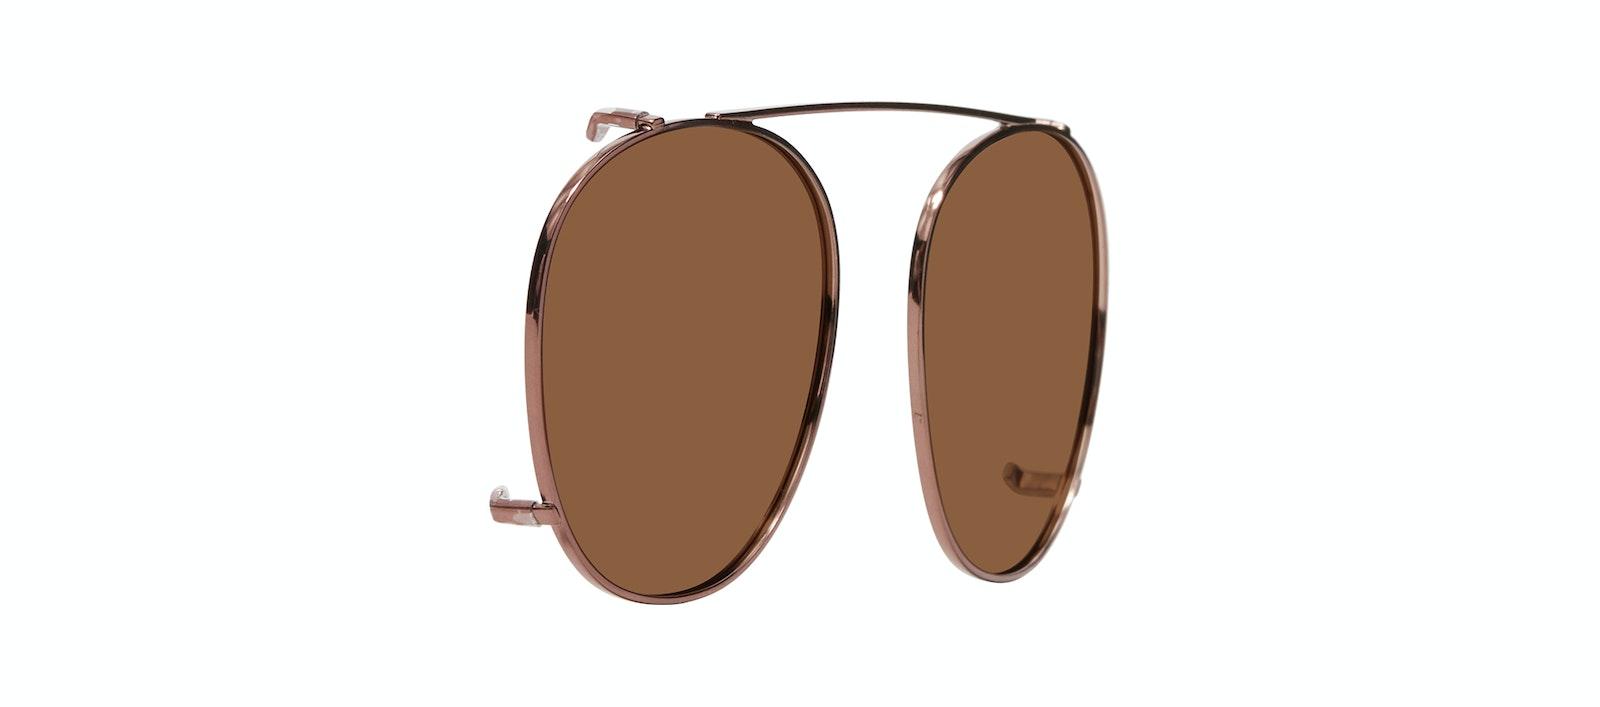 Lunettes tendance Accessoire Hommes Femmes Divine Clip L Copper Incliné